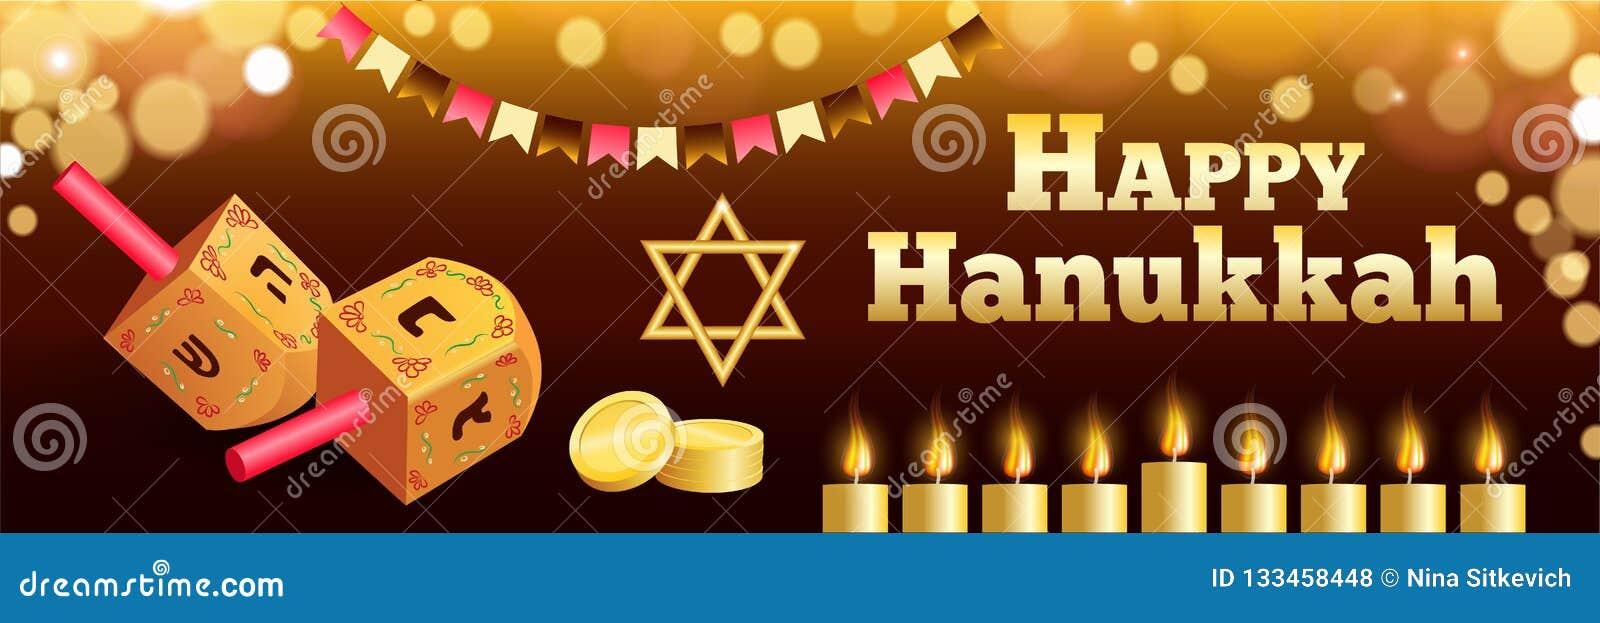 Bandeira judaica feliz de hanukkah, estilo realístico